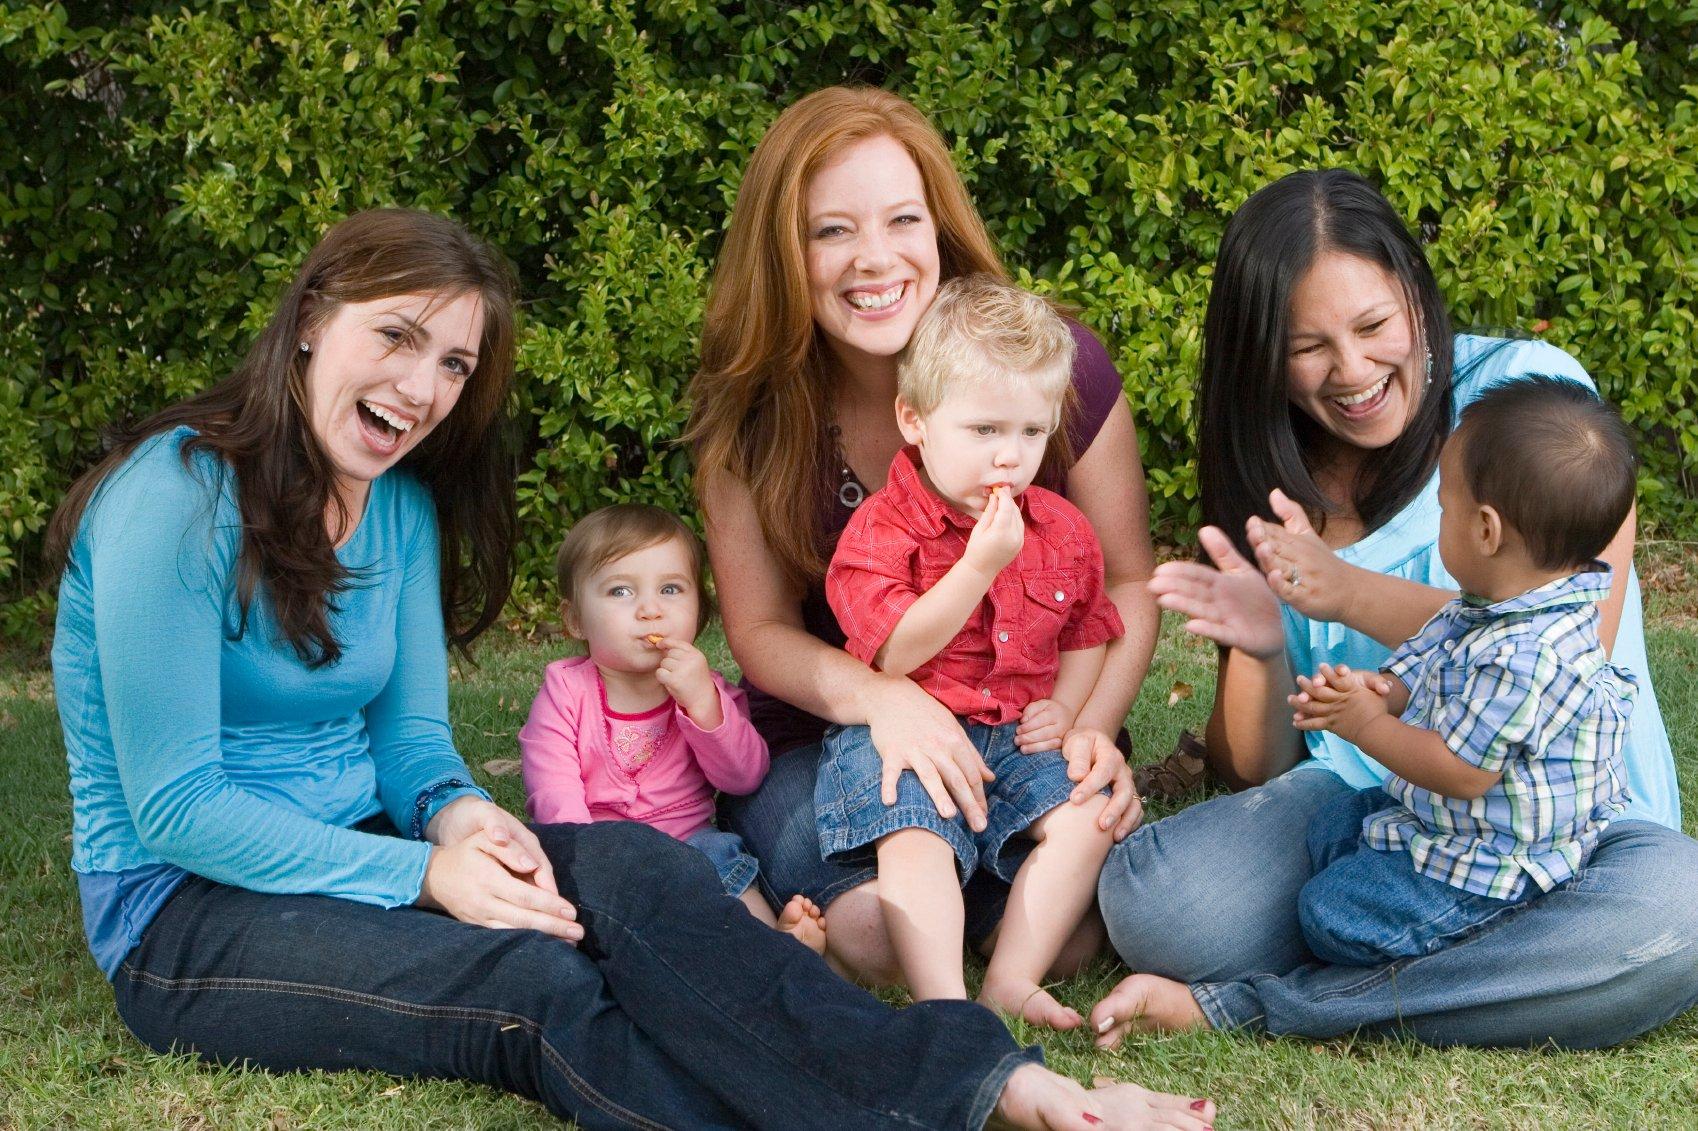 Women & children in park